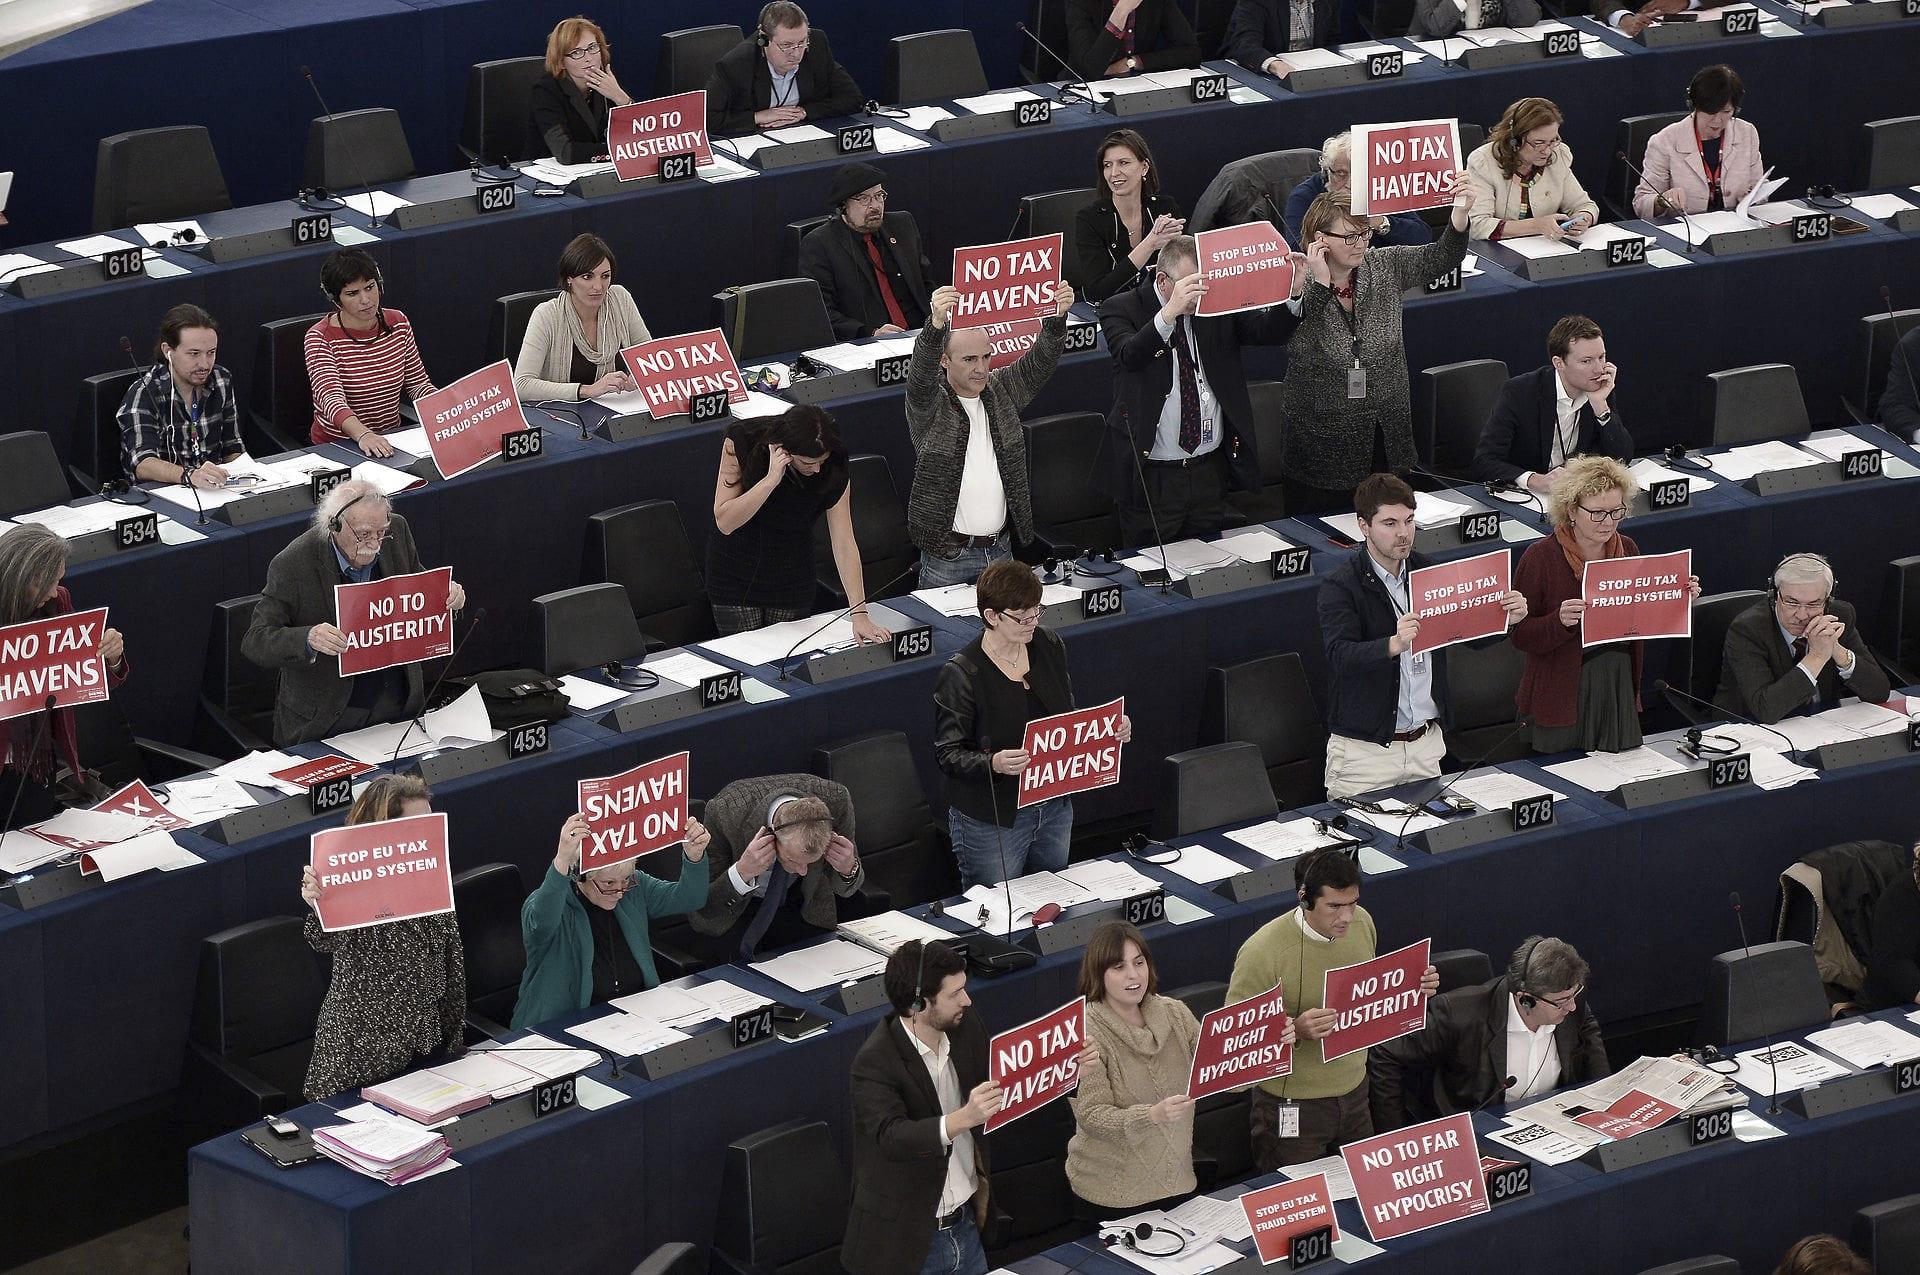 FRANCE-EU-POLITICS-PARLIAMENT-JUNCKER-VOTE